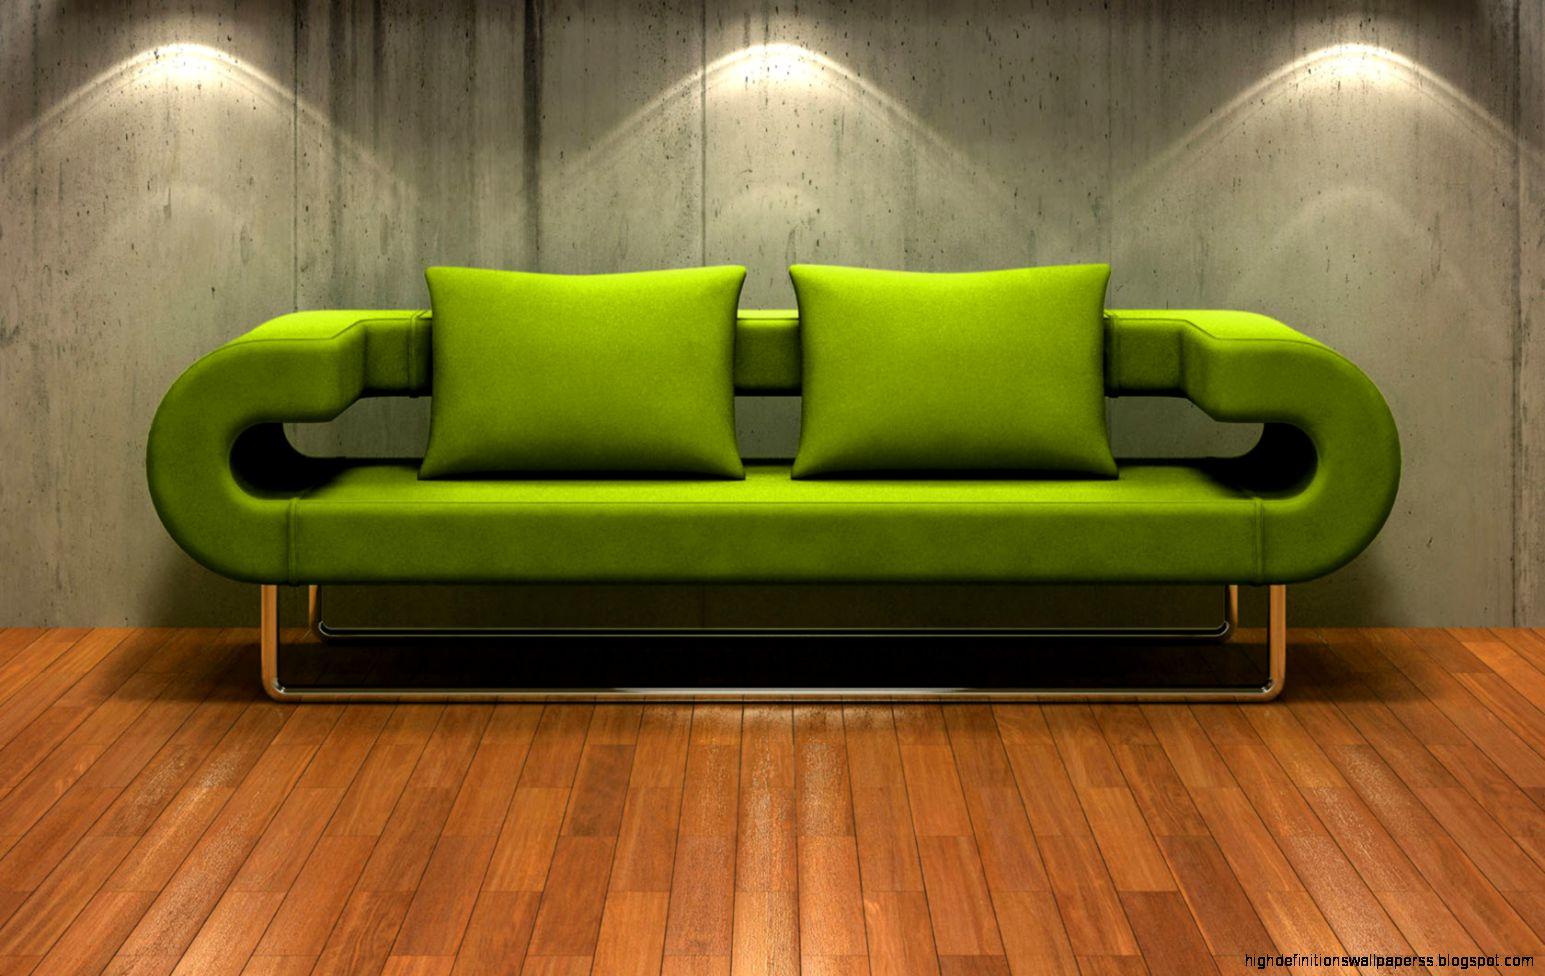 home design hd wallpaper skylight - Home Design Hd